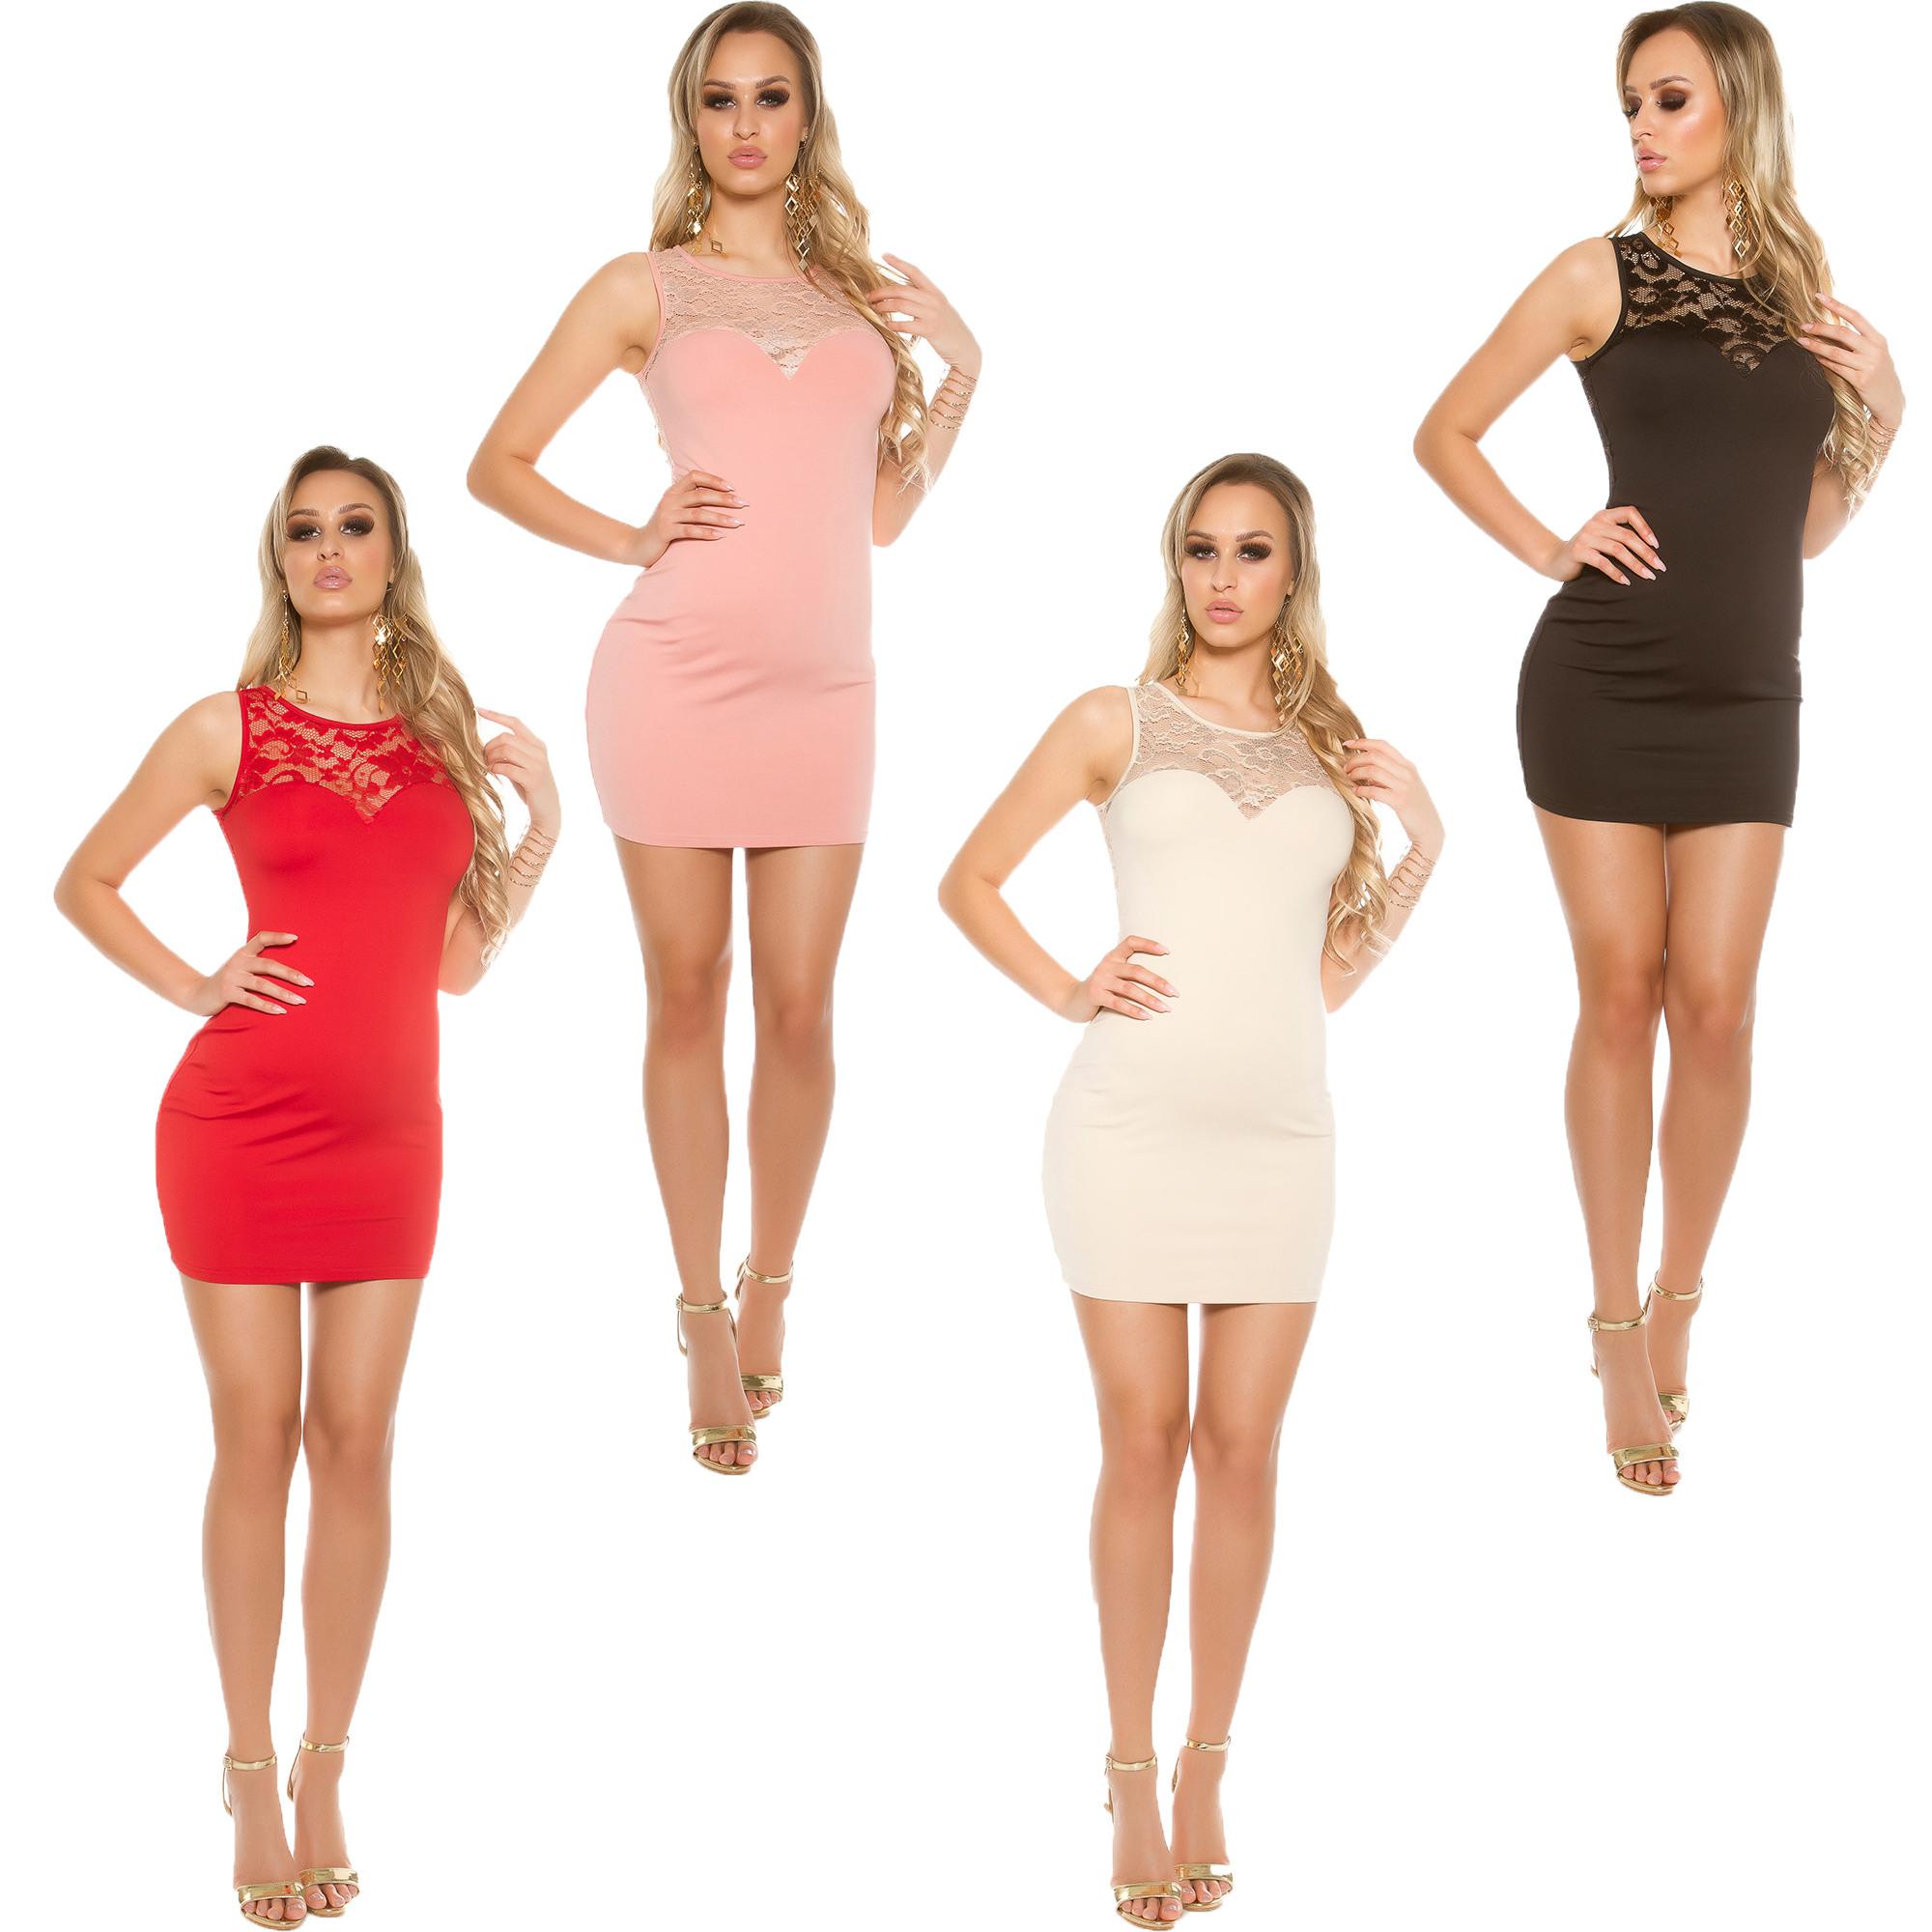 Details Zu Jersey Mini Kleid Minikleid Spitze Partykleid Fest Hochzeit  Abiball Eng S 34 36